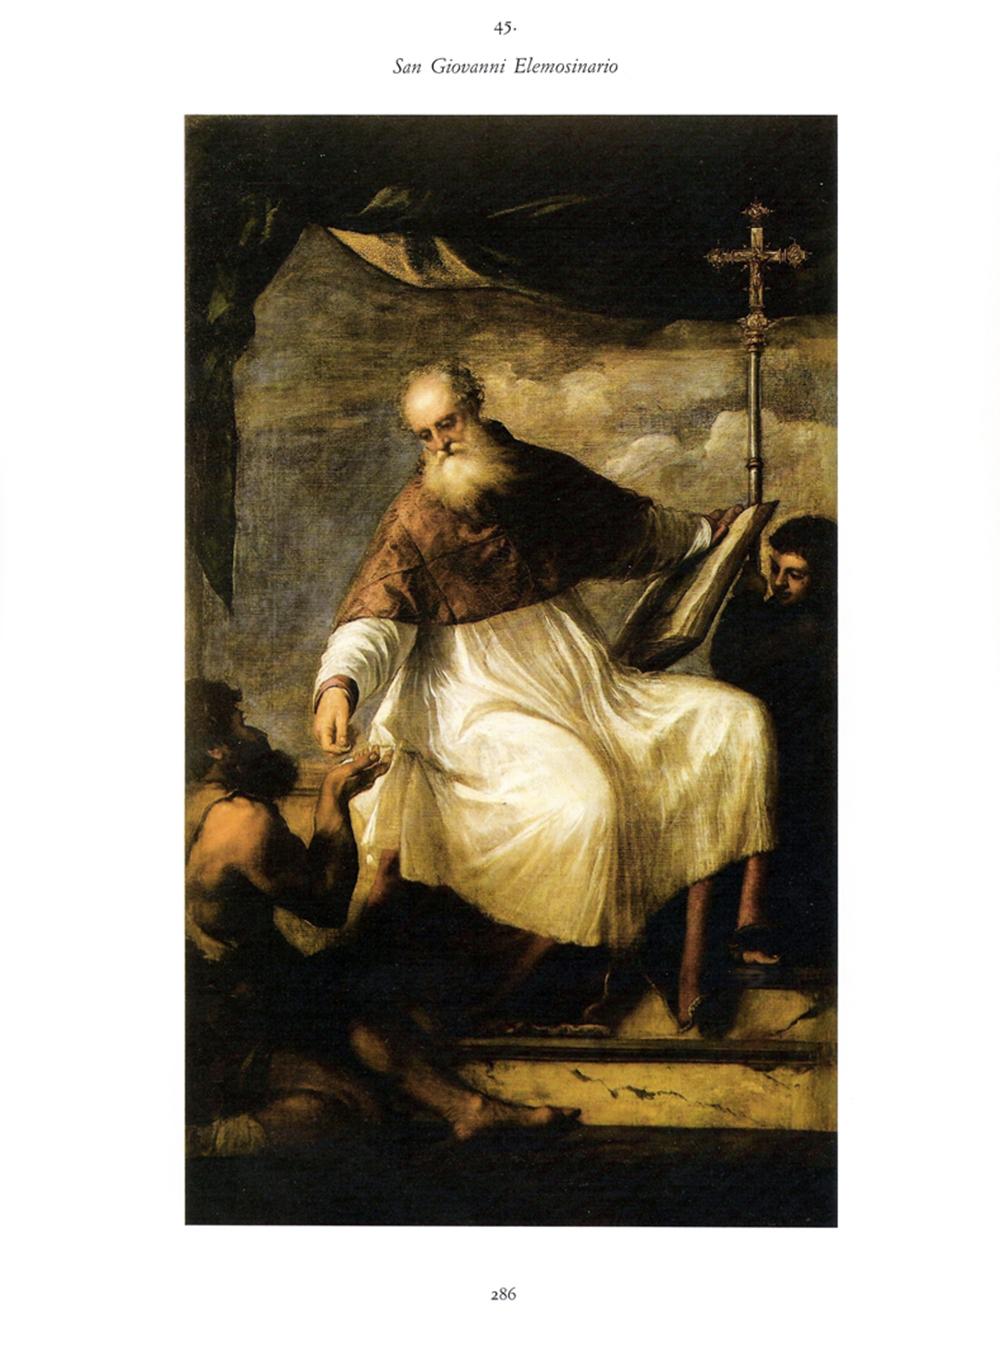 Andrea Facco, D'APRÈS TIZIANO – San Giovanni Elemosinario, 2011, acrilico su carta, cm 20,5x29,6